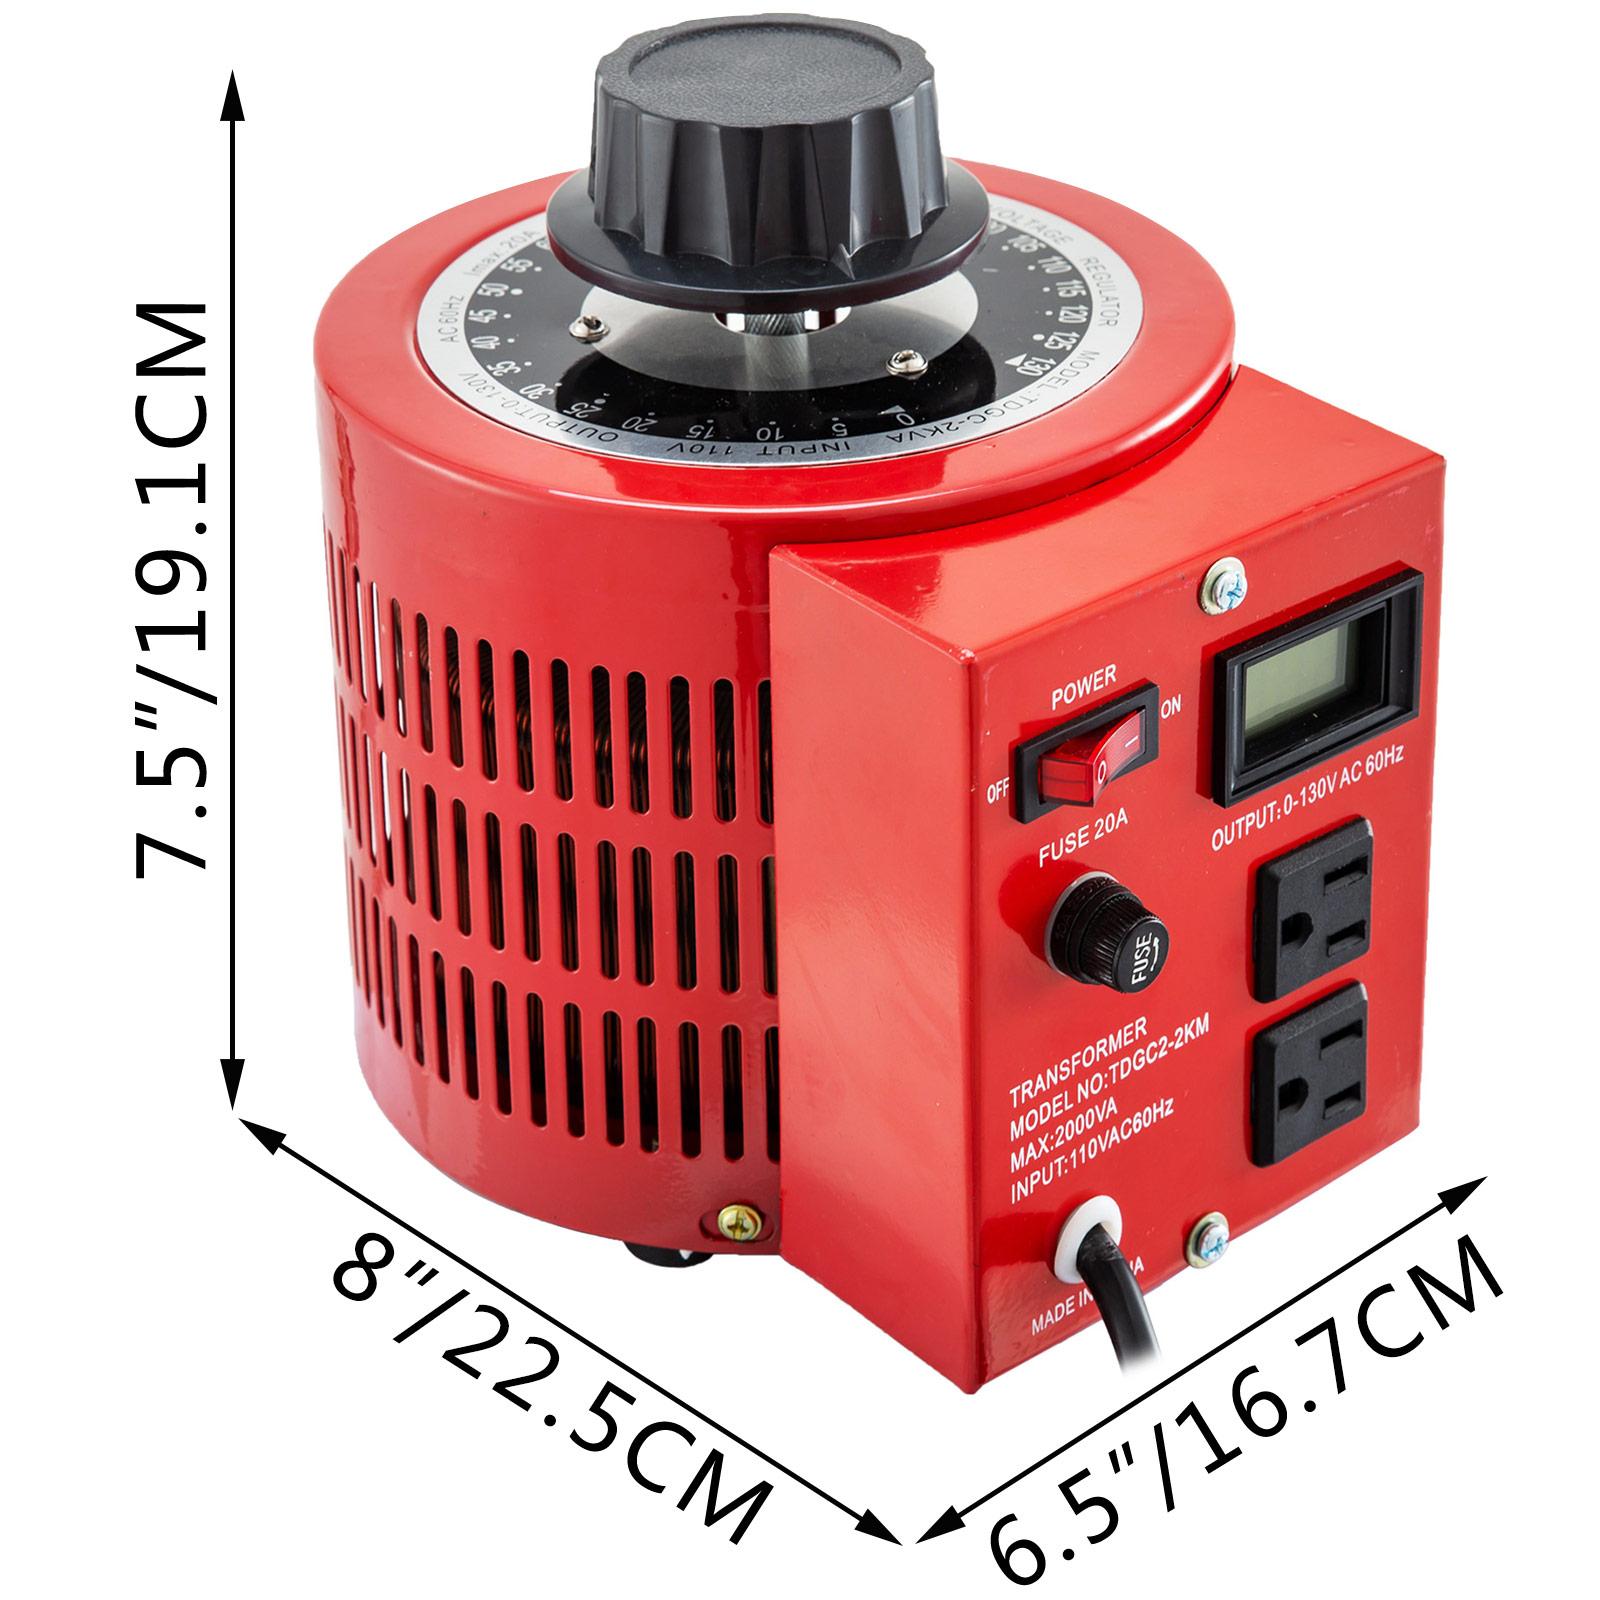 Variac-Variable-Transforme-0-5-1-2-3KVA-LCD-Single-Phase-Digital-Display-0-130V thumbnail 44